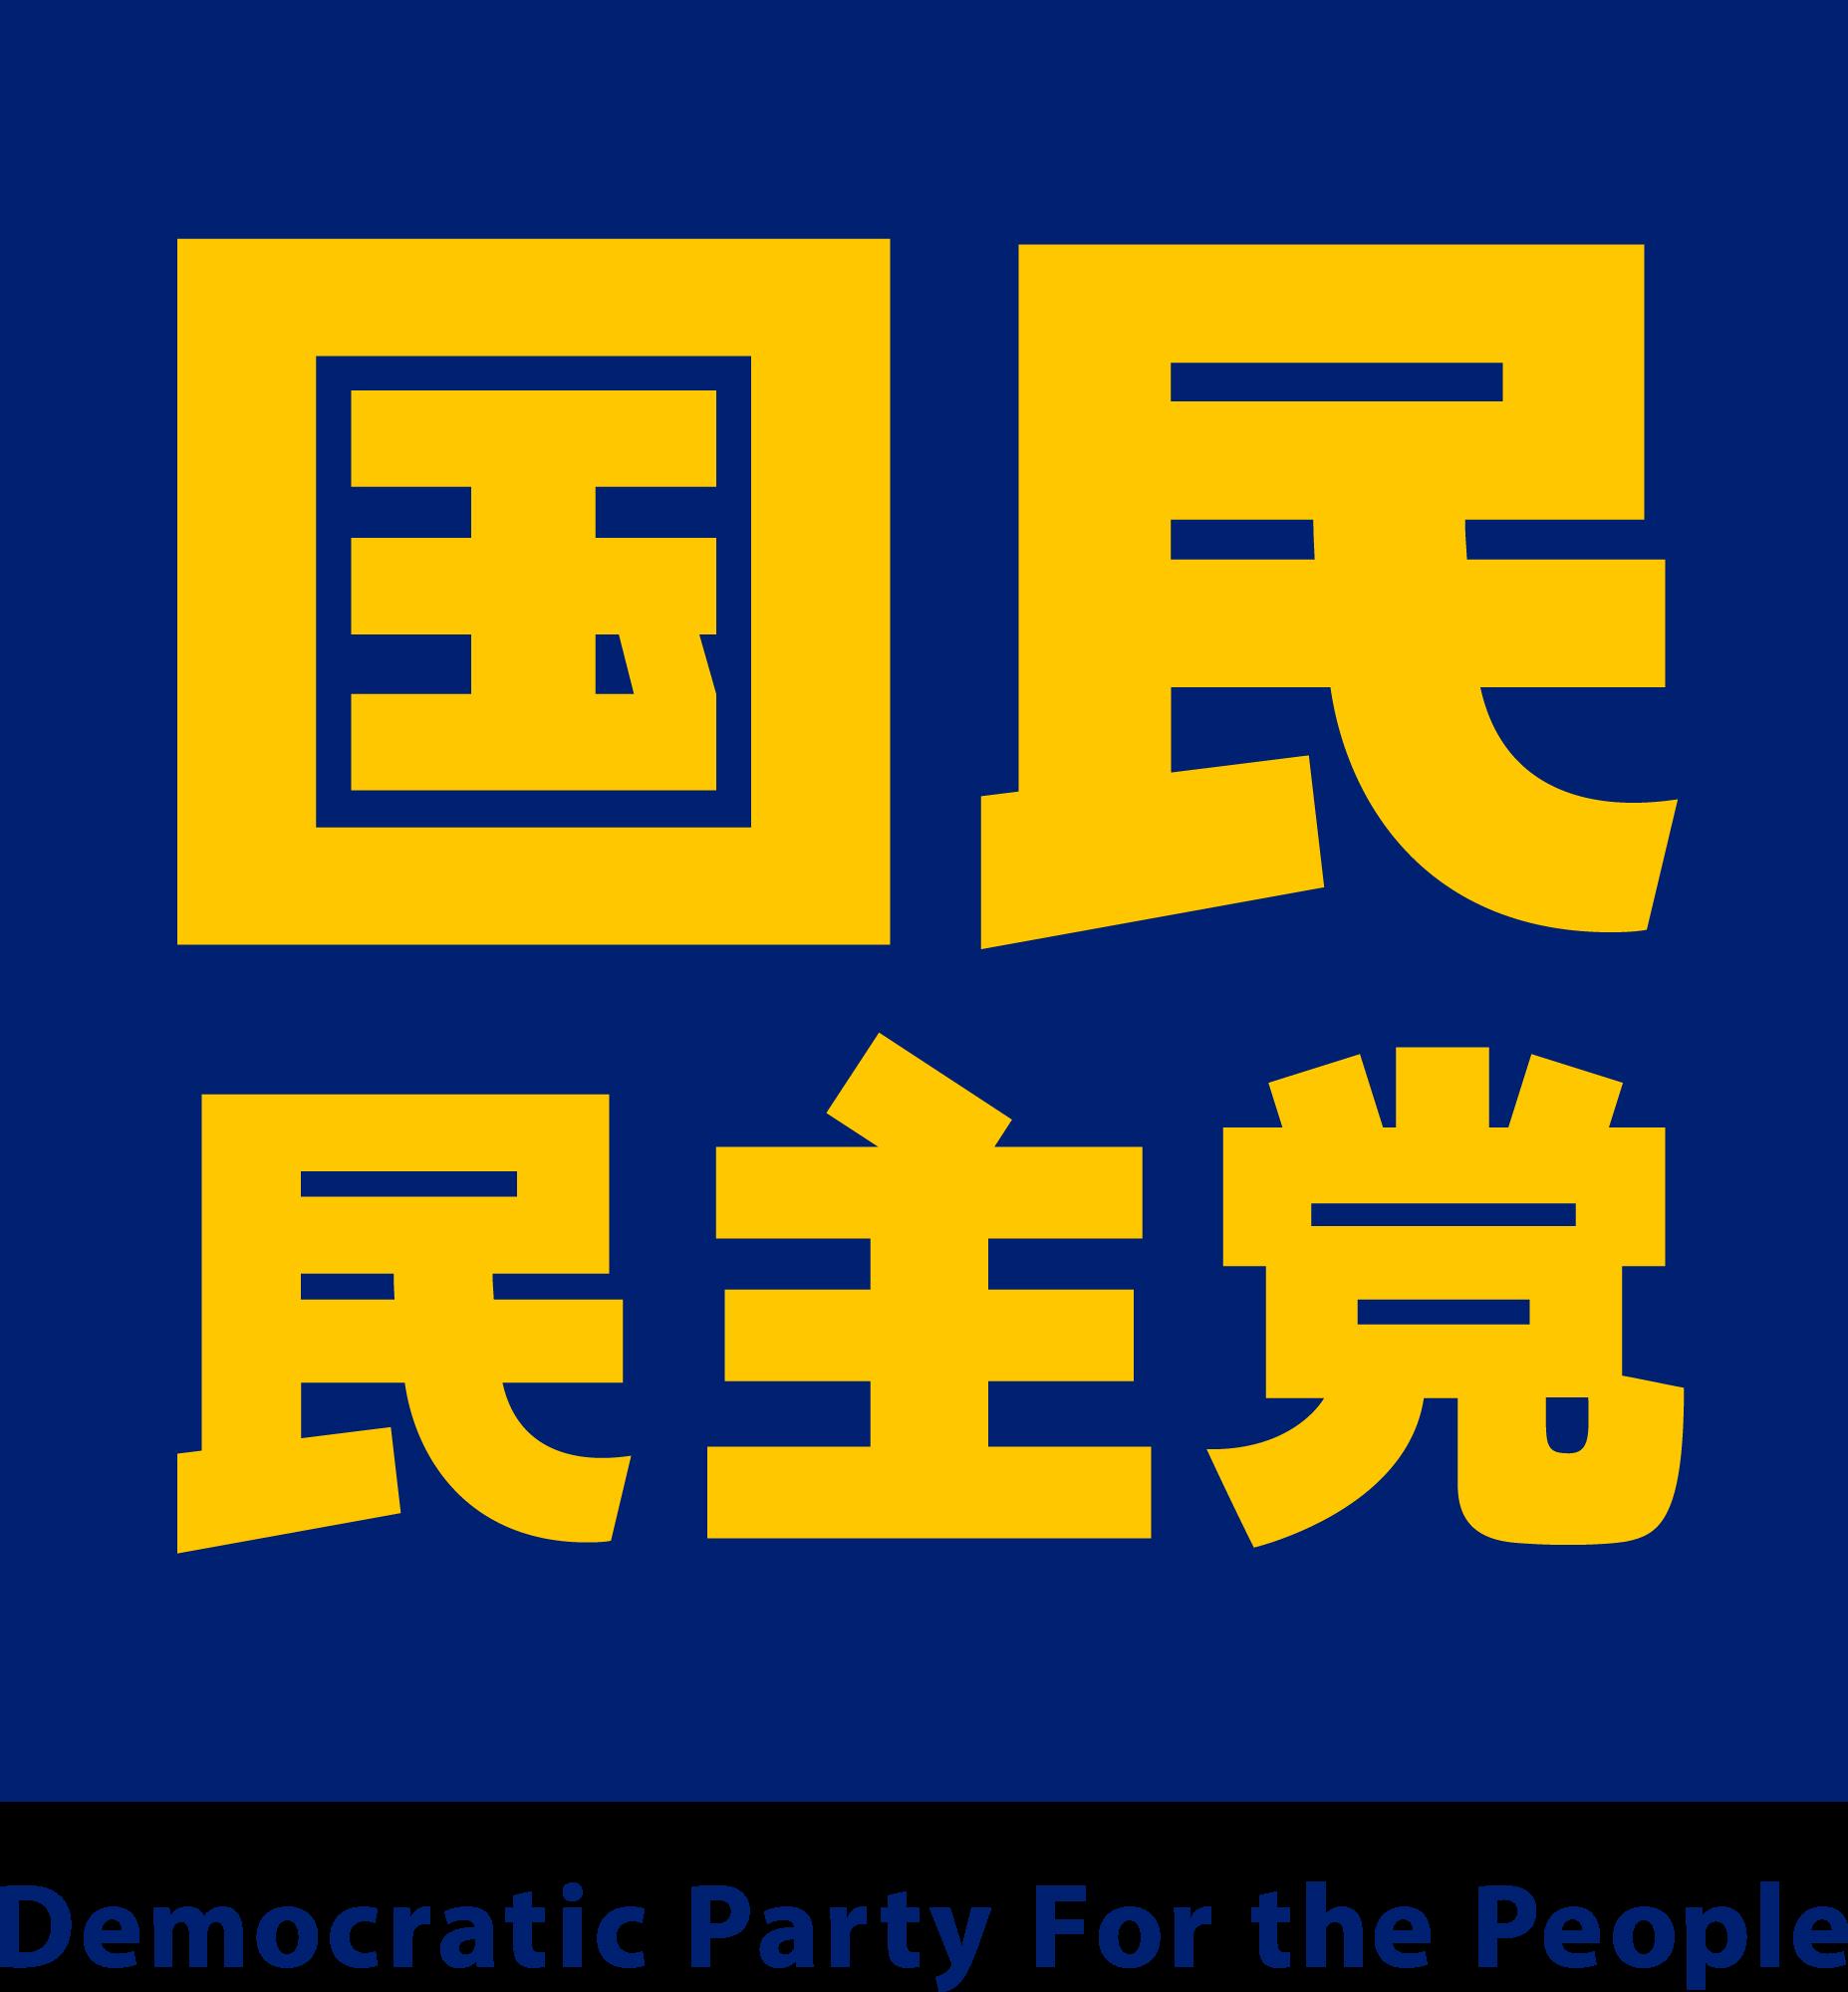 【動画】国民民主党と立憲民主党の政党合流について 梶岡博樹街頭演説